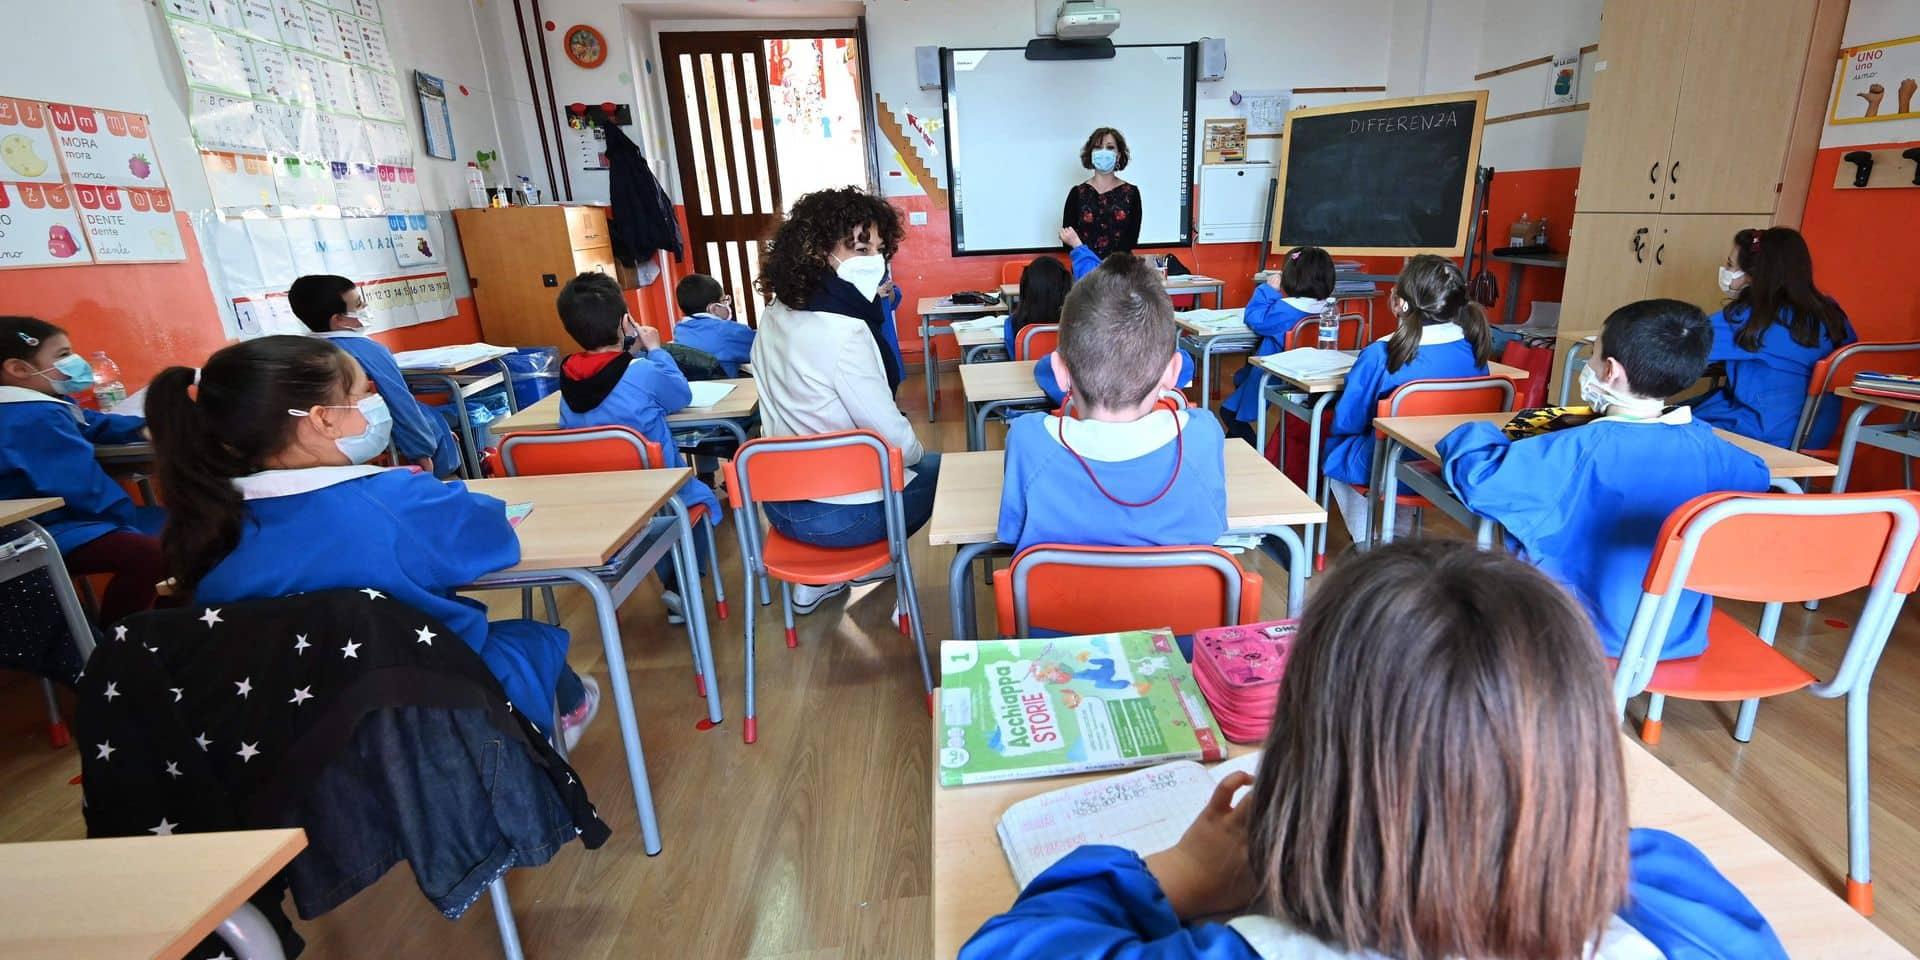 L'Italie, en manque d'enfants, se dépeuple: comment le coronavirus a accentué une situation déjà très préoccupante